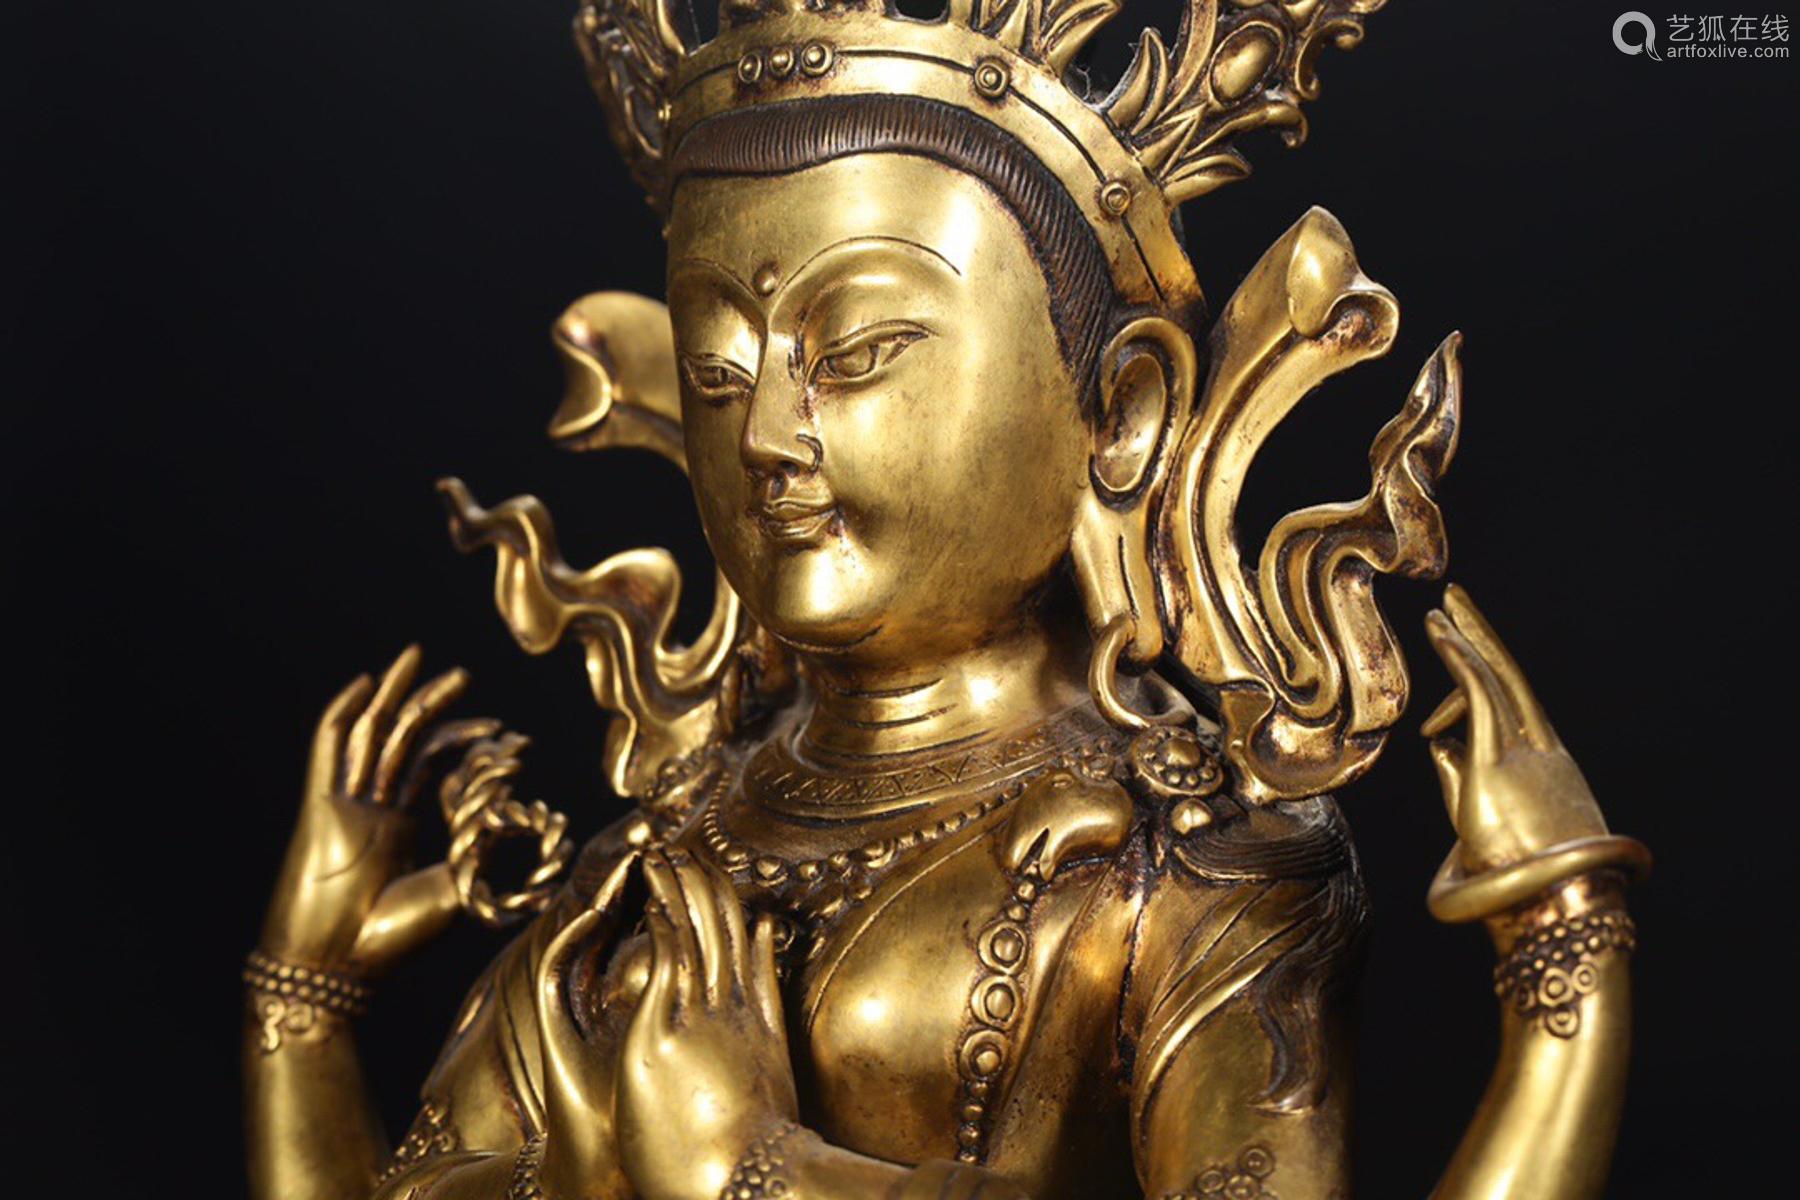 14-16TH CENTURY, A FOUR-ARM BUDDHA DESIGN GILT ORNAMENT, MING DYNASTY